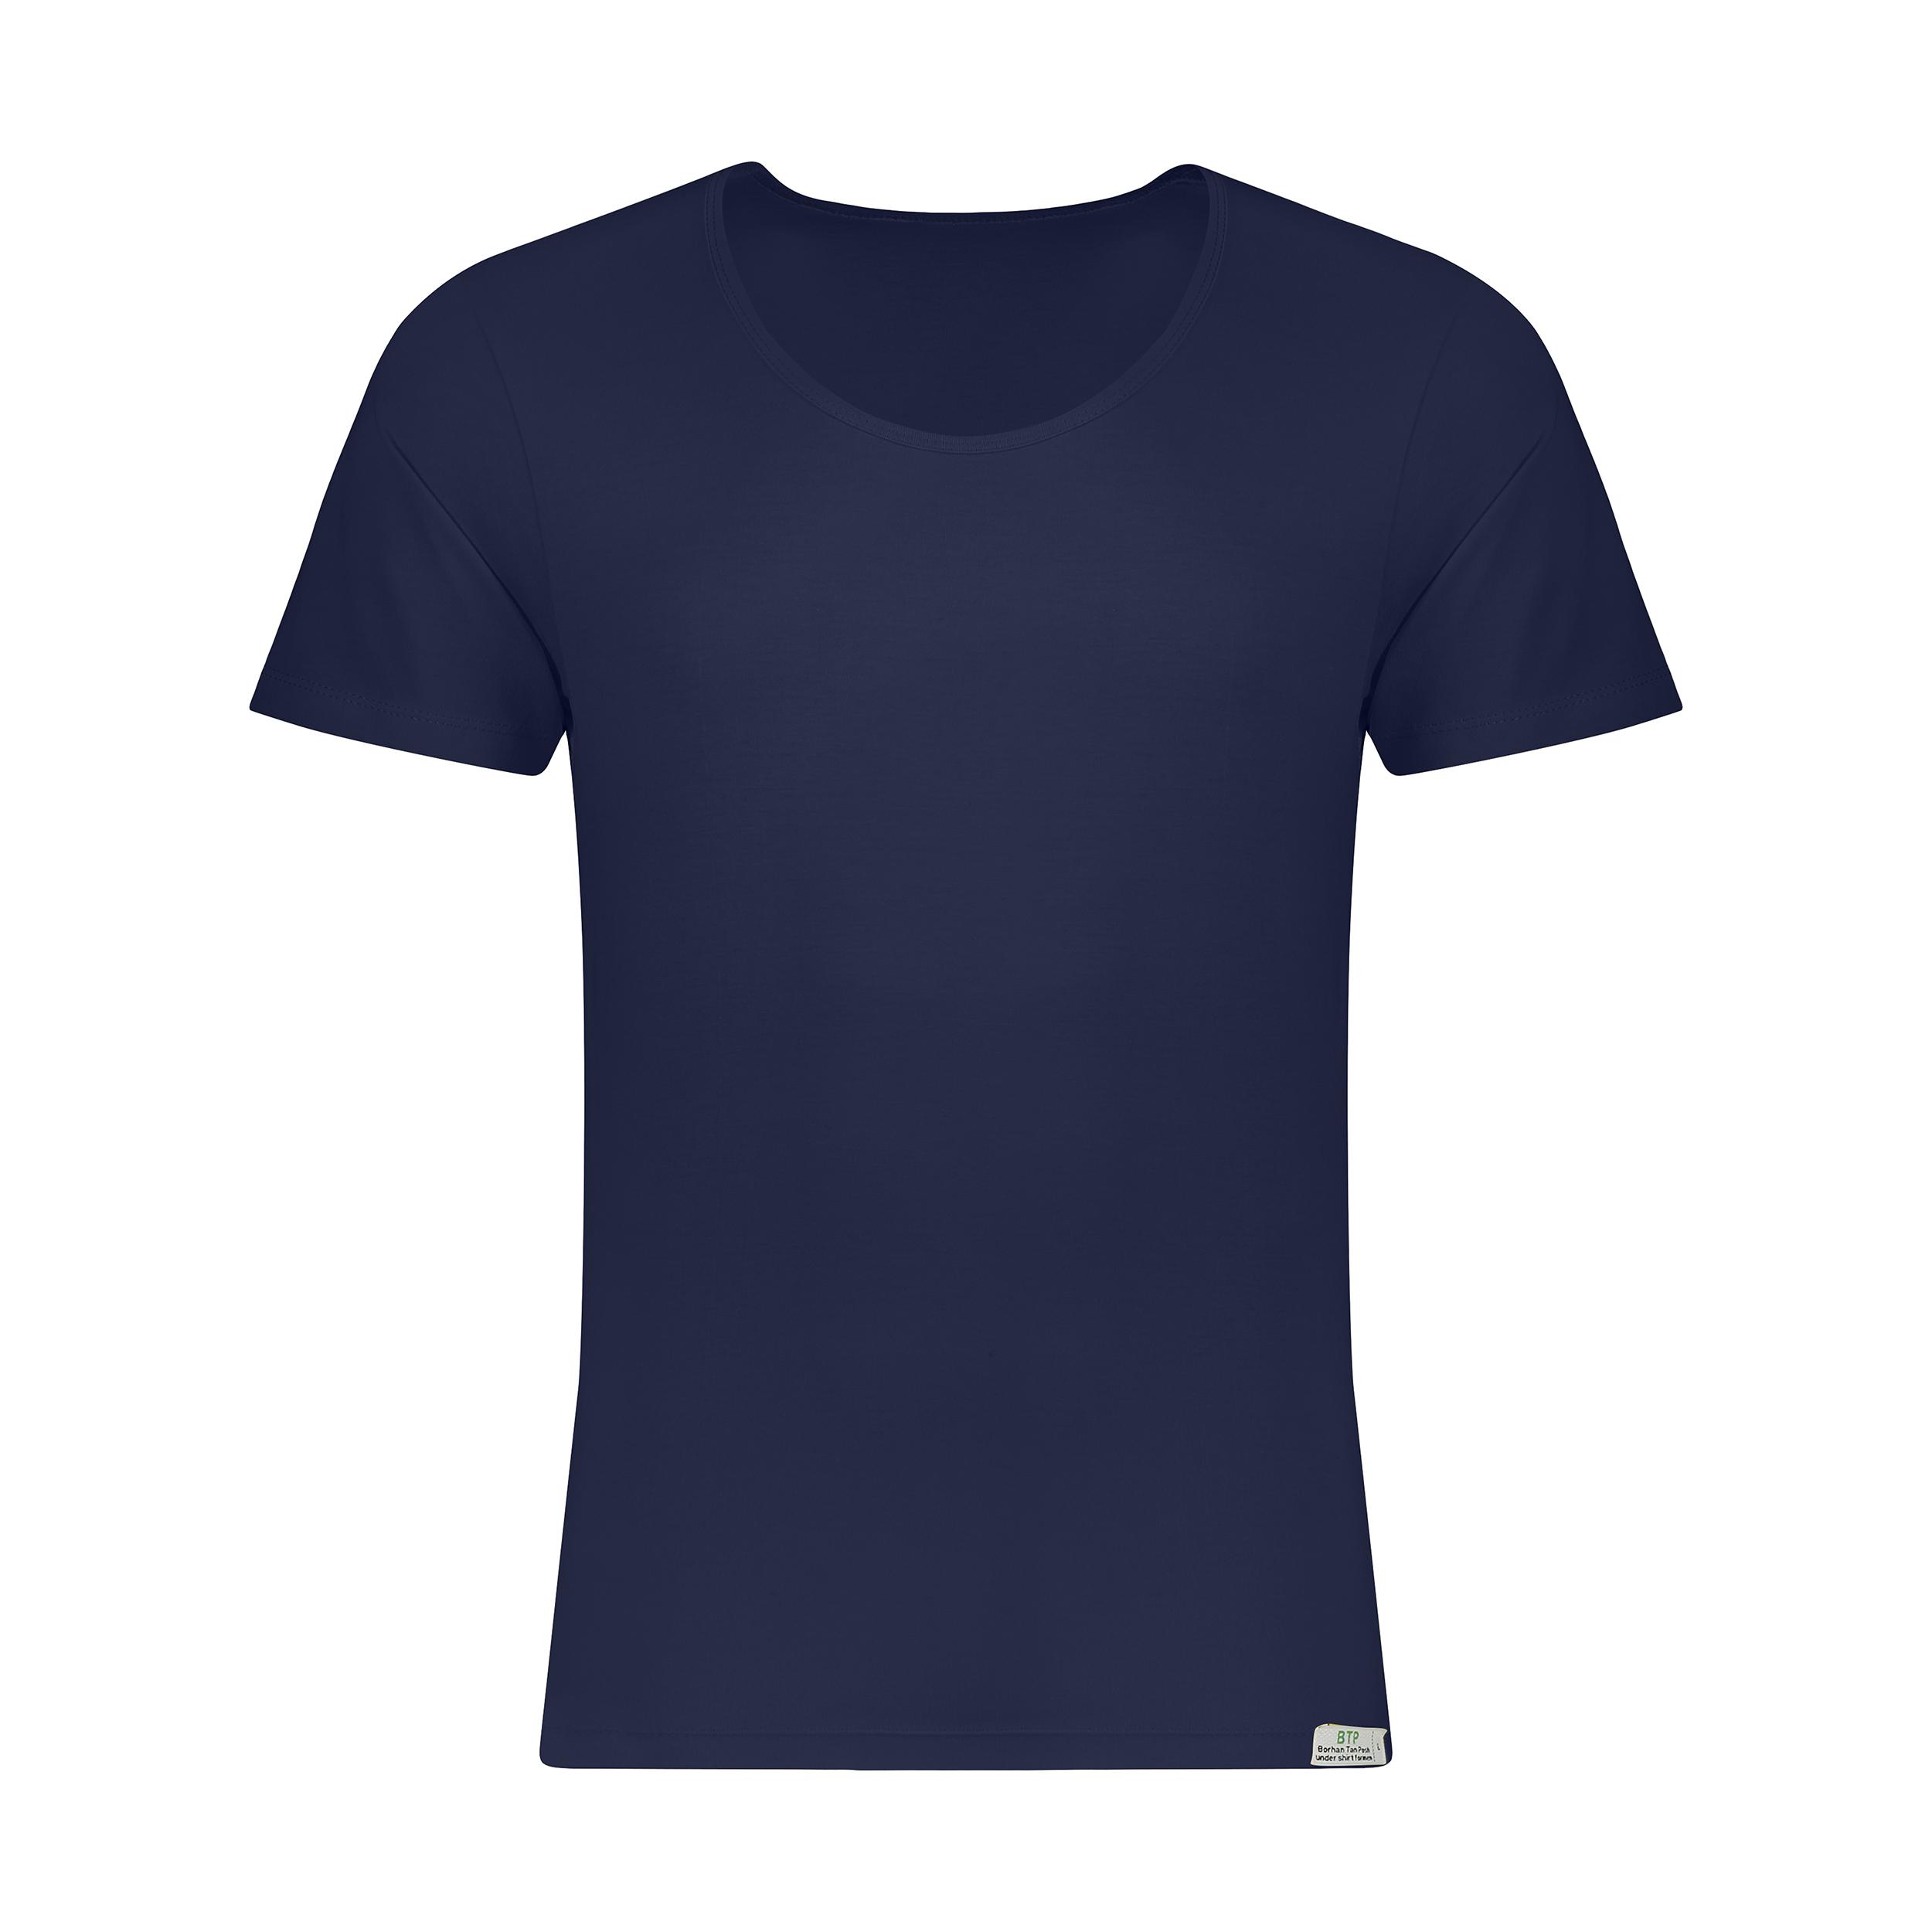 زیرپوش آستین دار مردانه برهان تن پوش مدل 9-02